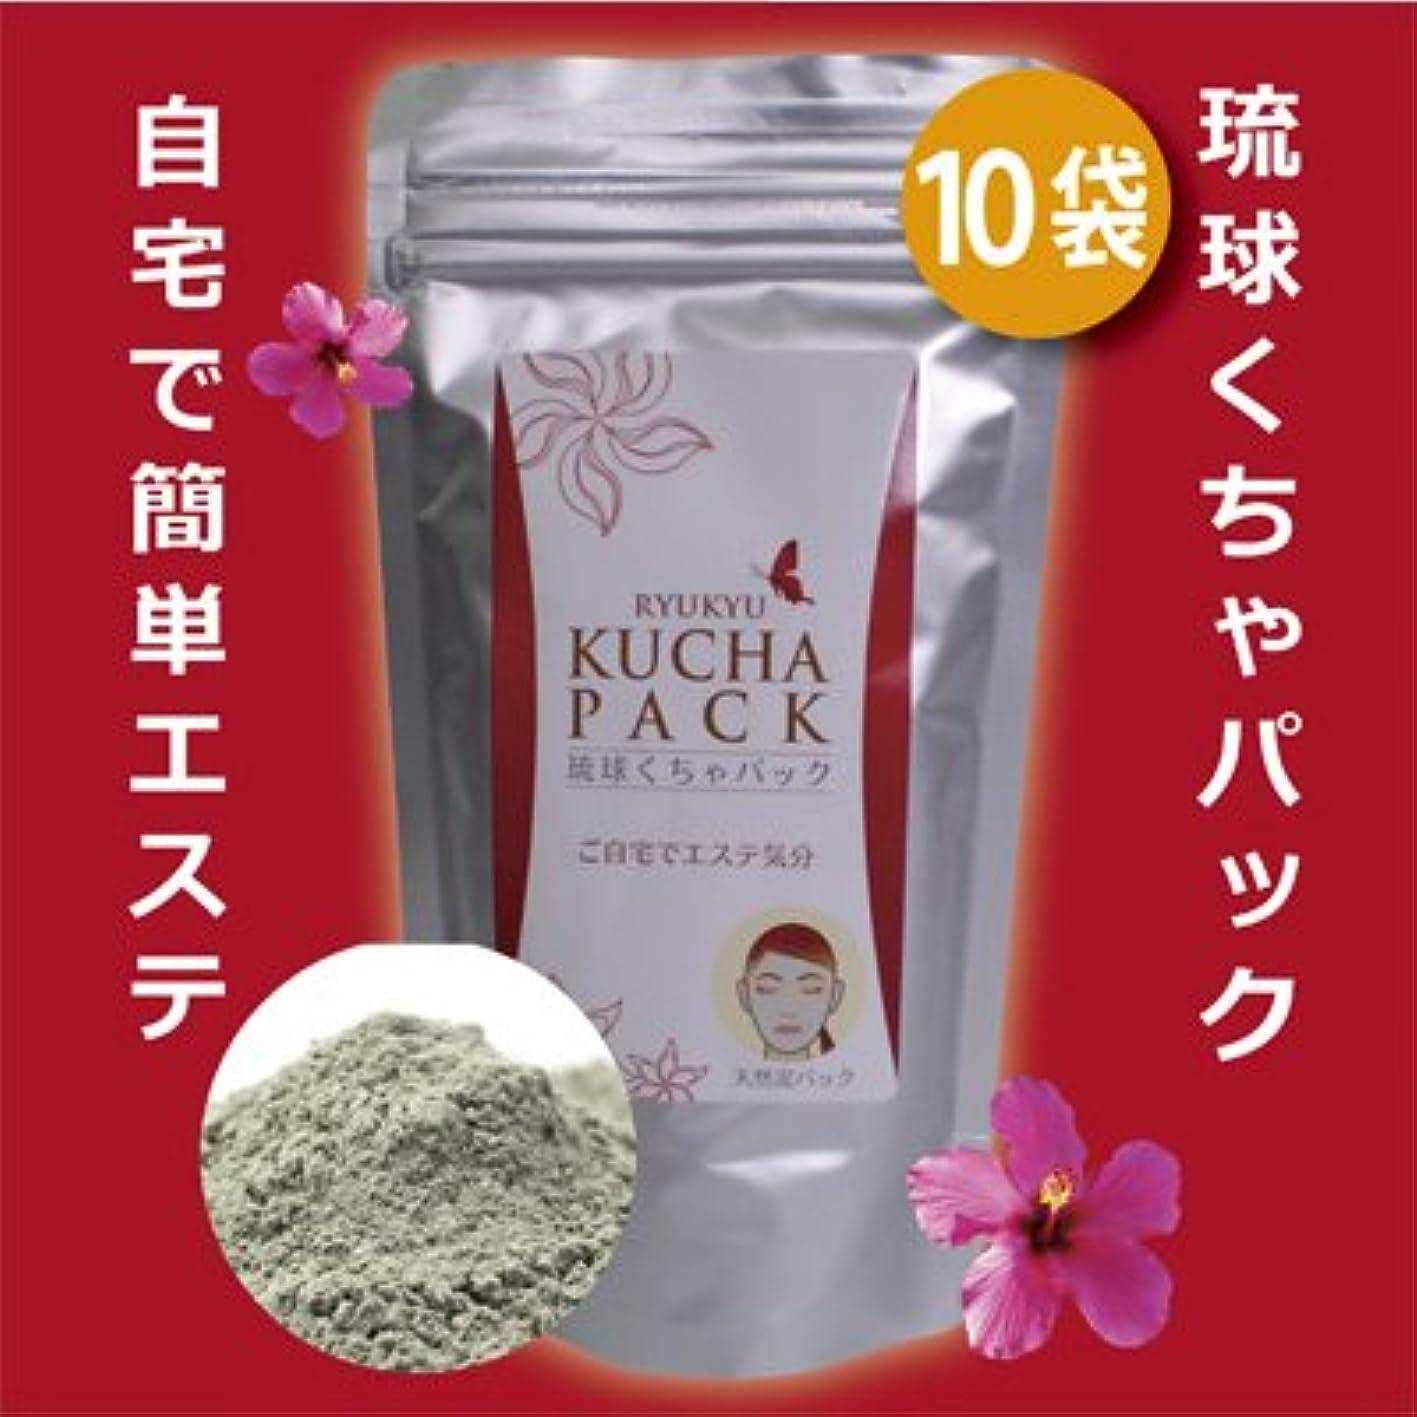 レコーダーアロング志す美肌 健康作り 月桃水を加えた使いやすい粉末 沖縄産 琉球くちゃパック 150g 10パック